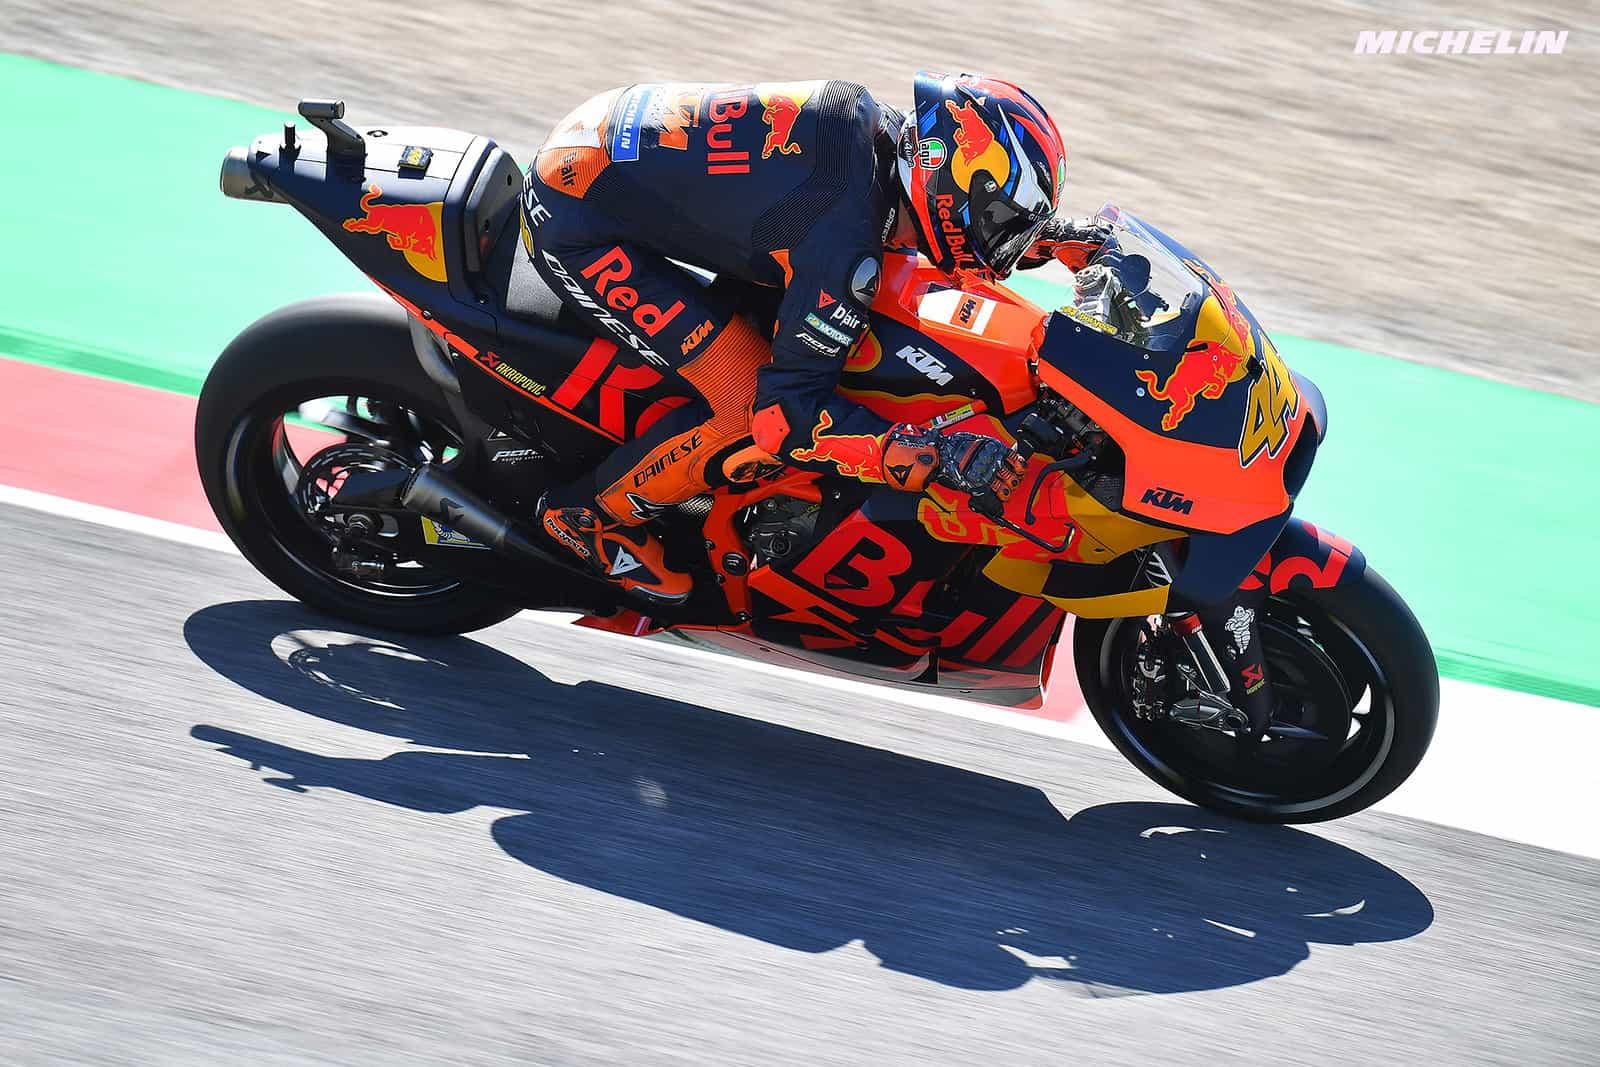 MotoGP2019イアリアGP ポル・エスパルガロ「ル・マン以降調子がいい」